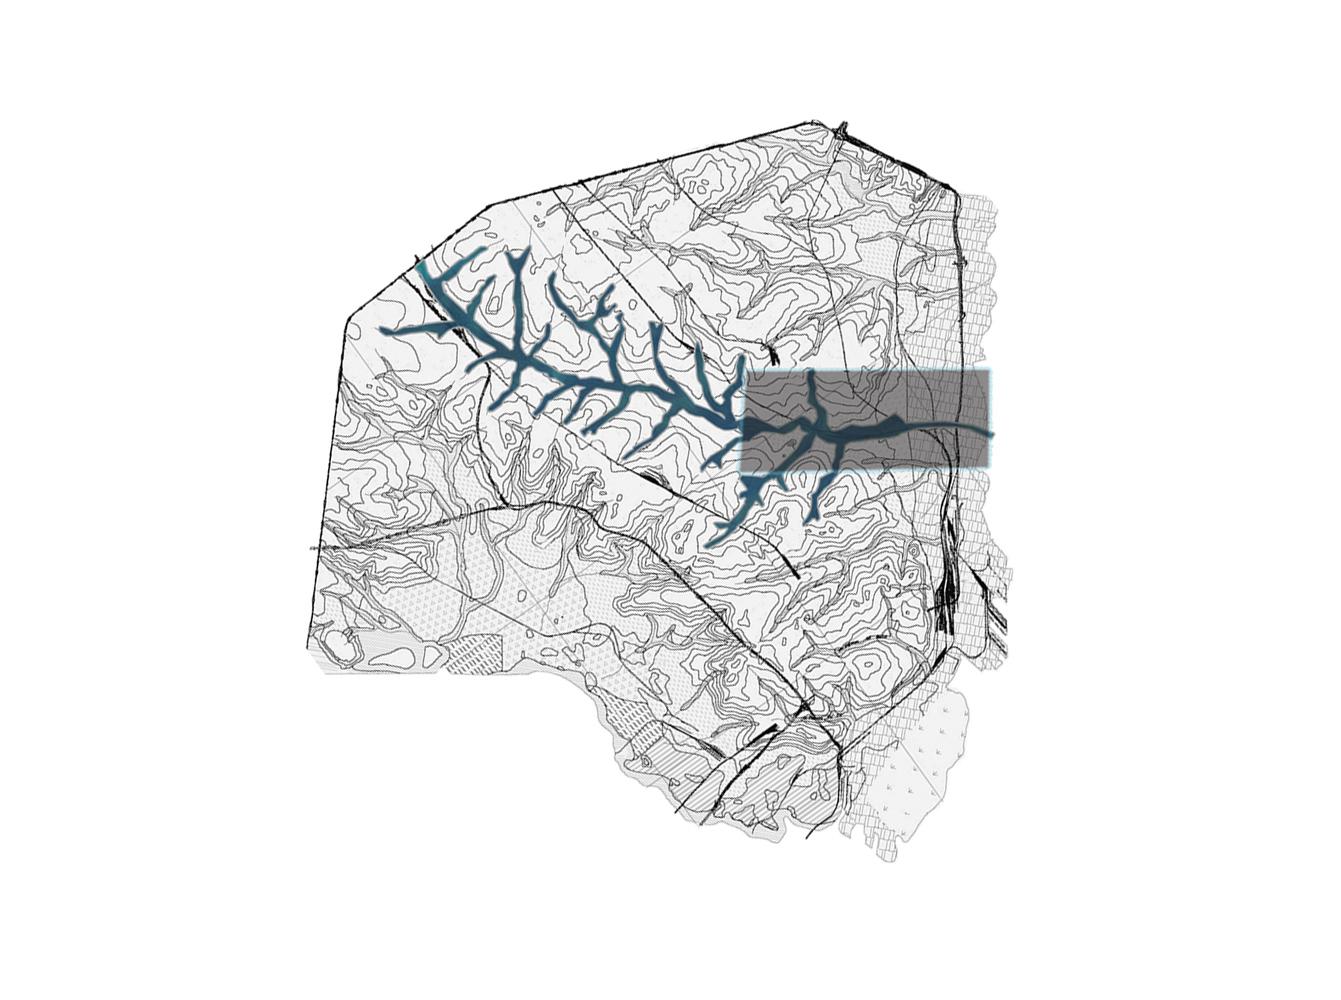 PARQUE-DE-LAS-CIENCIAS-01